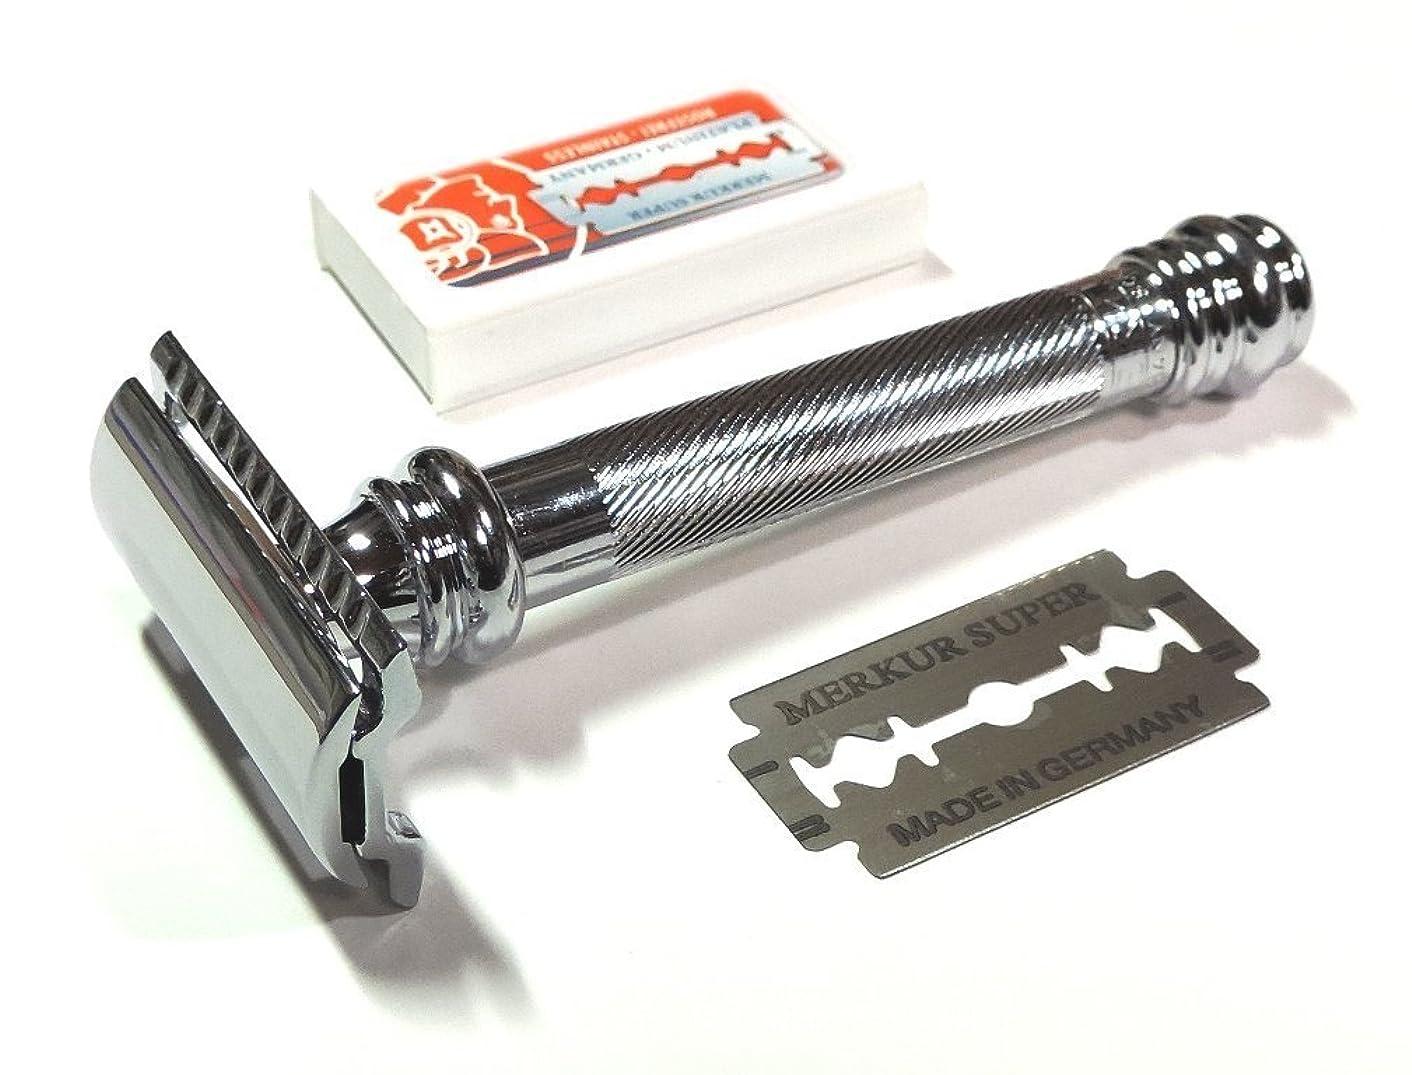 粒子枯渇大使メルクールMERKUR(独)髭剃り(ひげそり)両刃ホルダー38C エレガントクロム 替刃10+1枚付